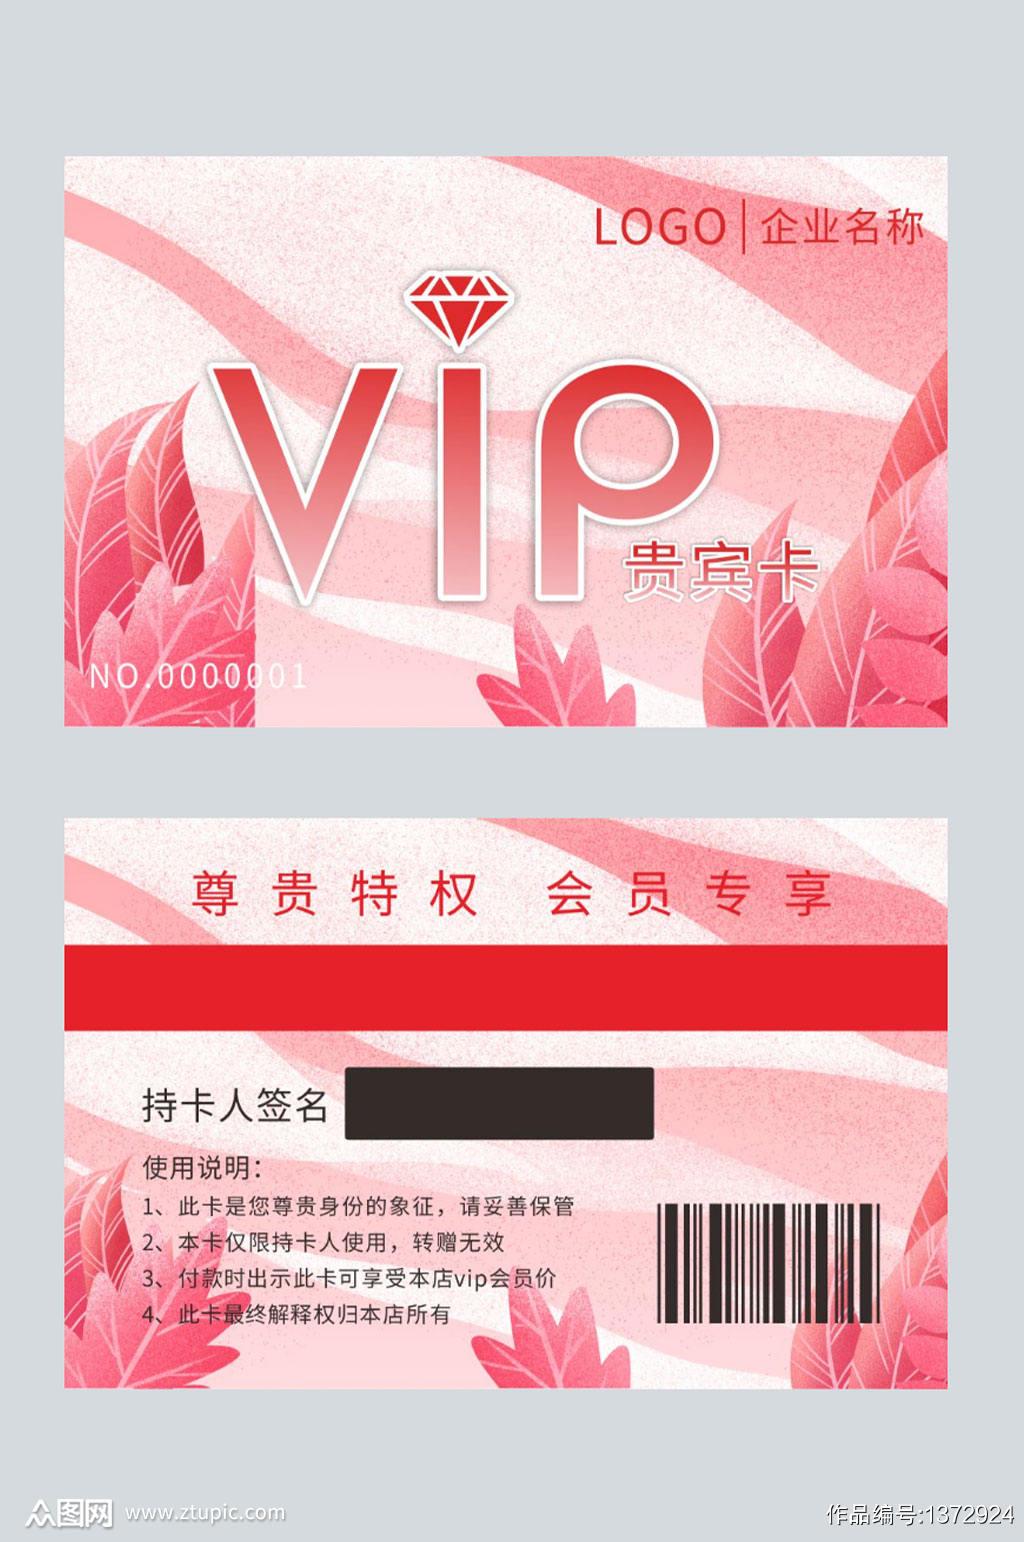 粉色会员卡贵宾卡VIP卡素材